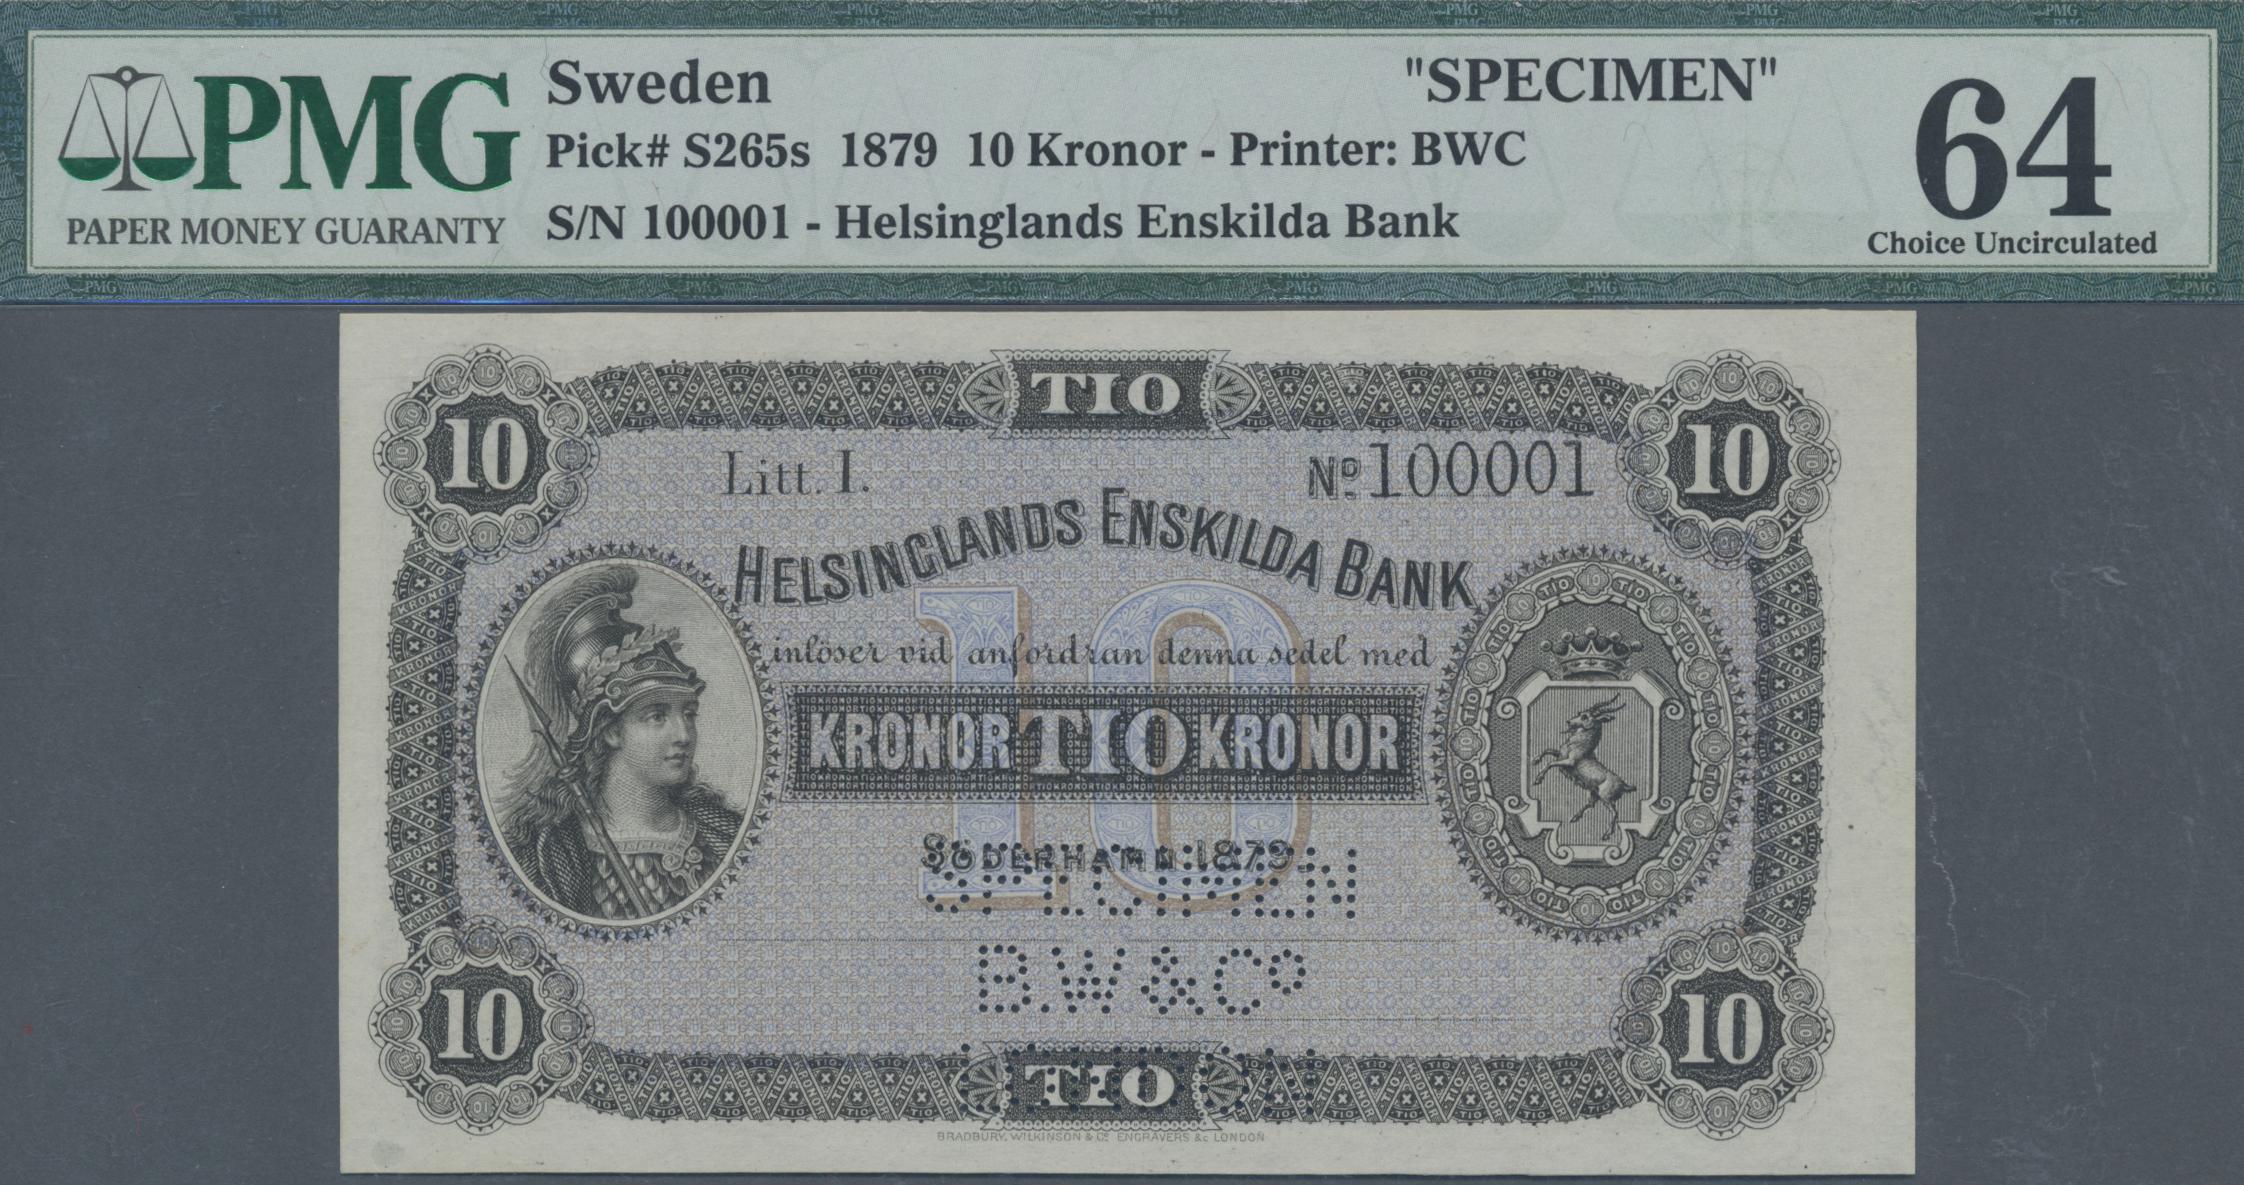 Lot 01572 - Sweden / Schweden | Banknoten  -  Auktionshaus Christoph Gärtner GmbH & Co. KG Sale #46 The Banknotes Worldwide section of the 46th Christoph Gärtner Auction